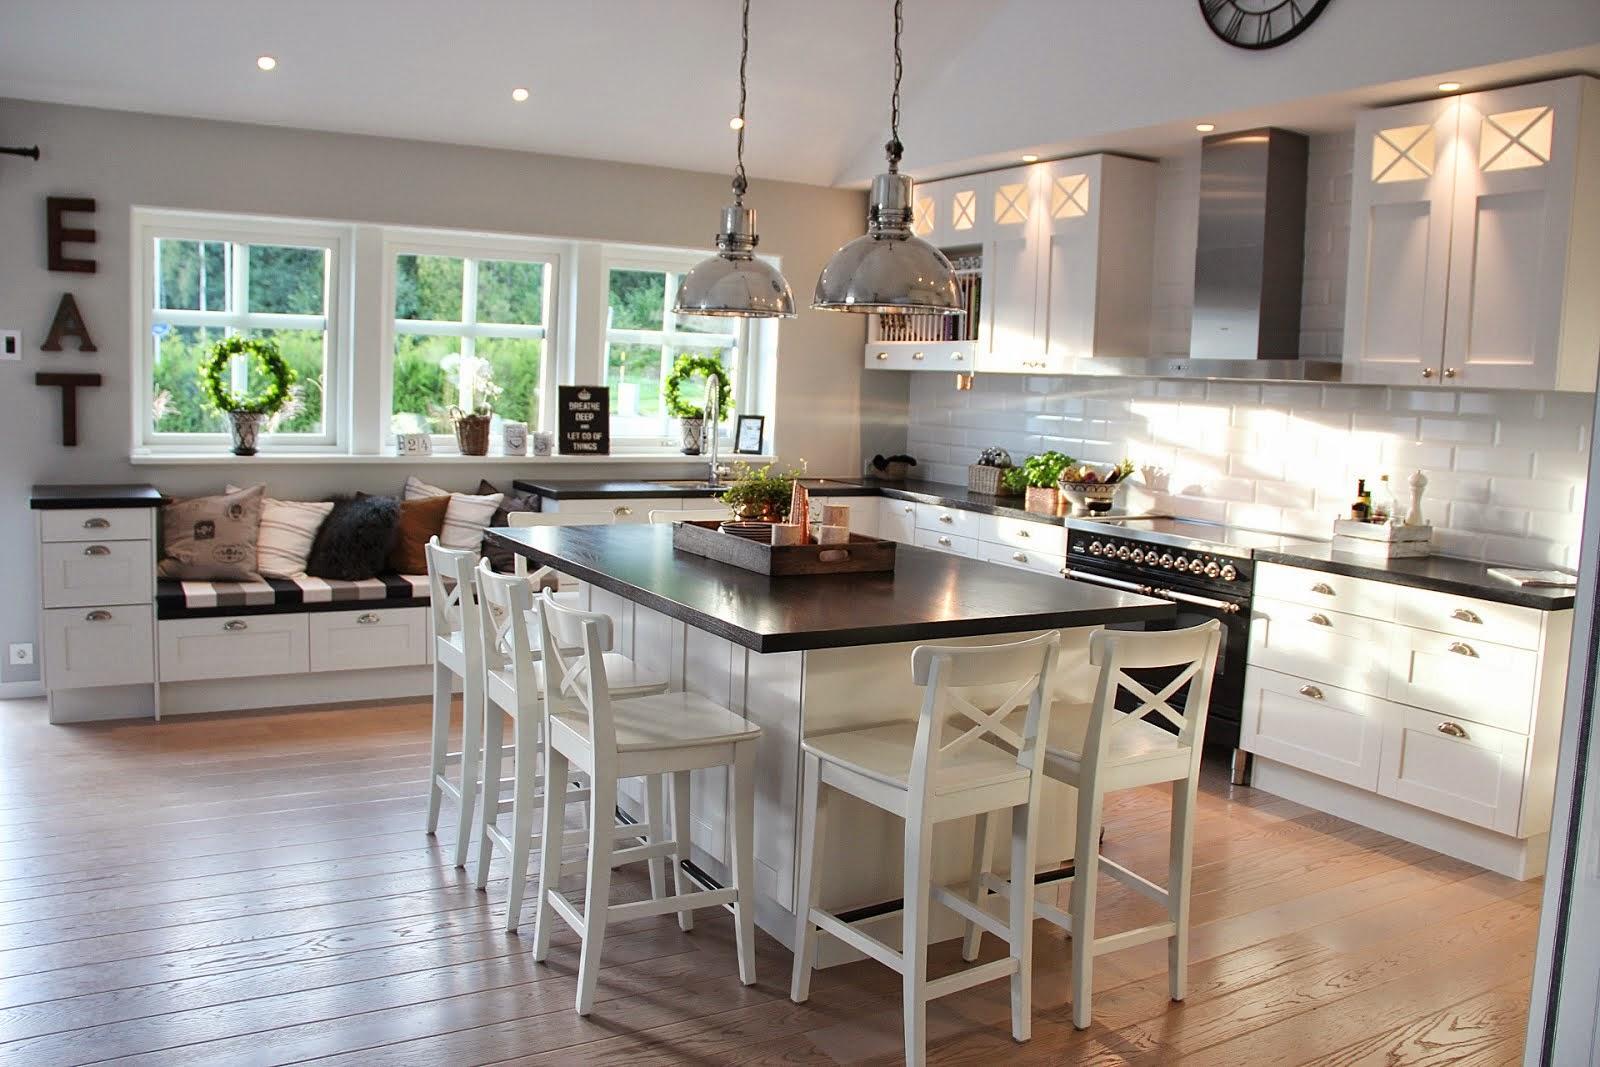 VÄlkommen hem!: hÖg pÅ mÄssing & marmor